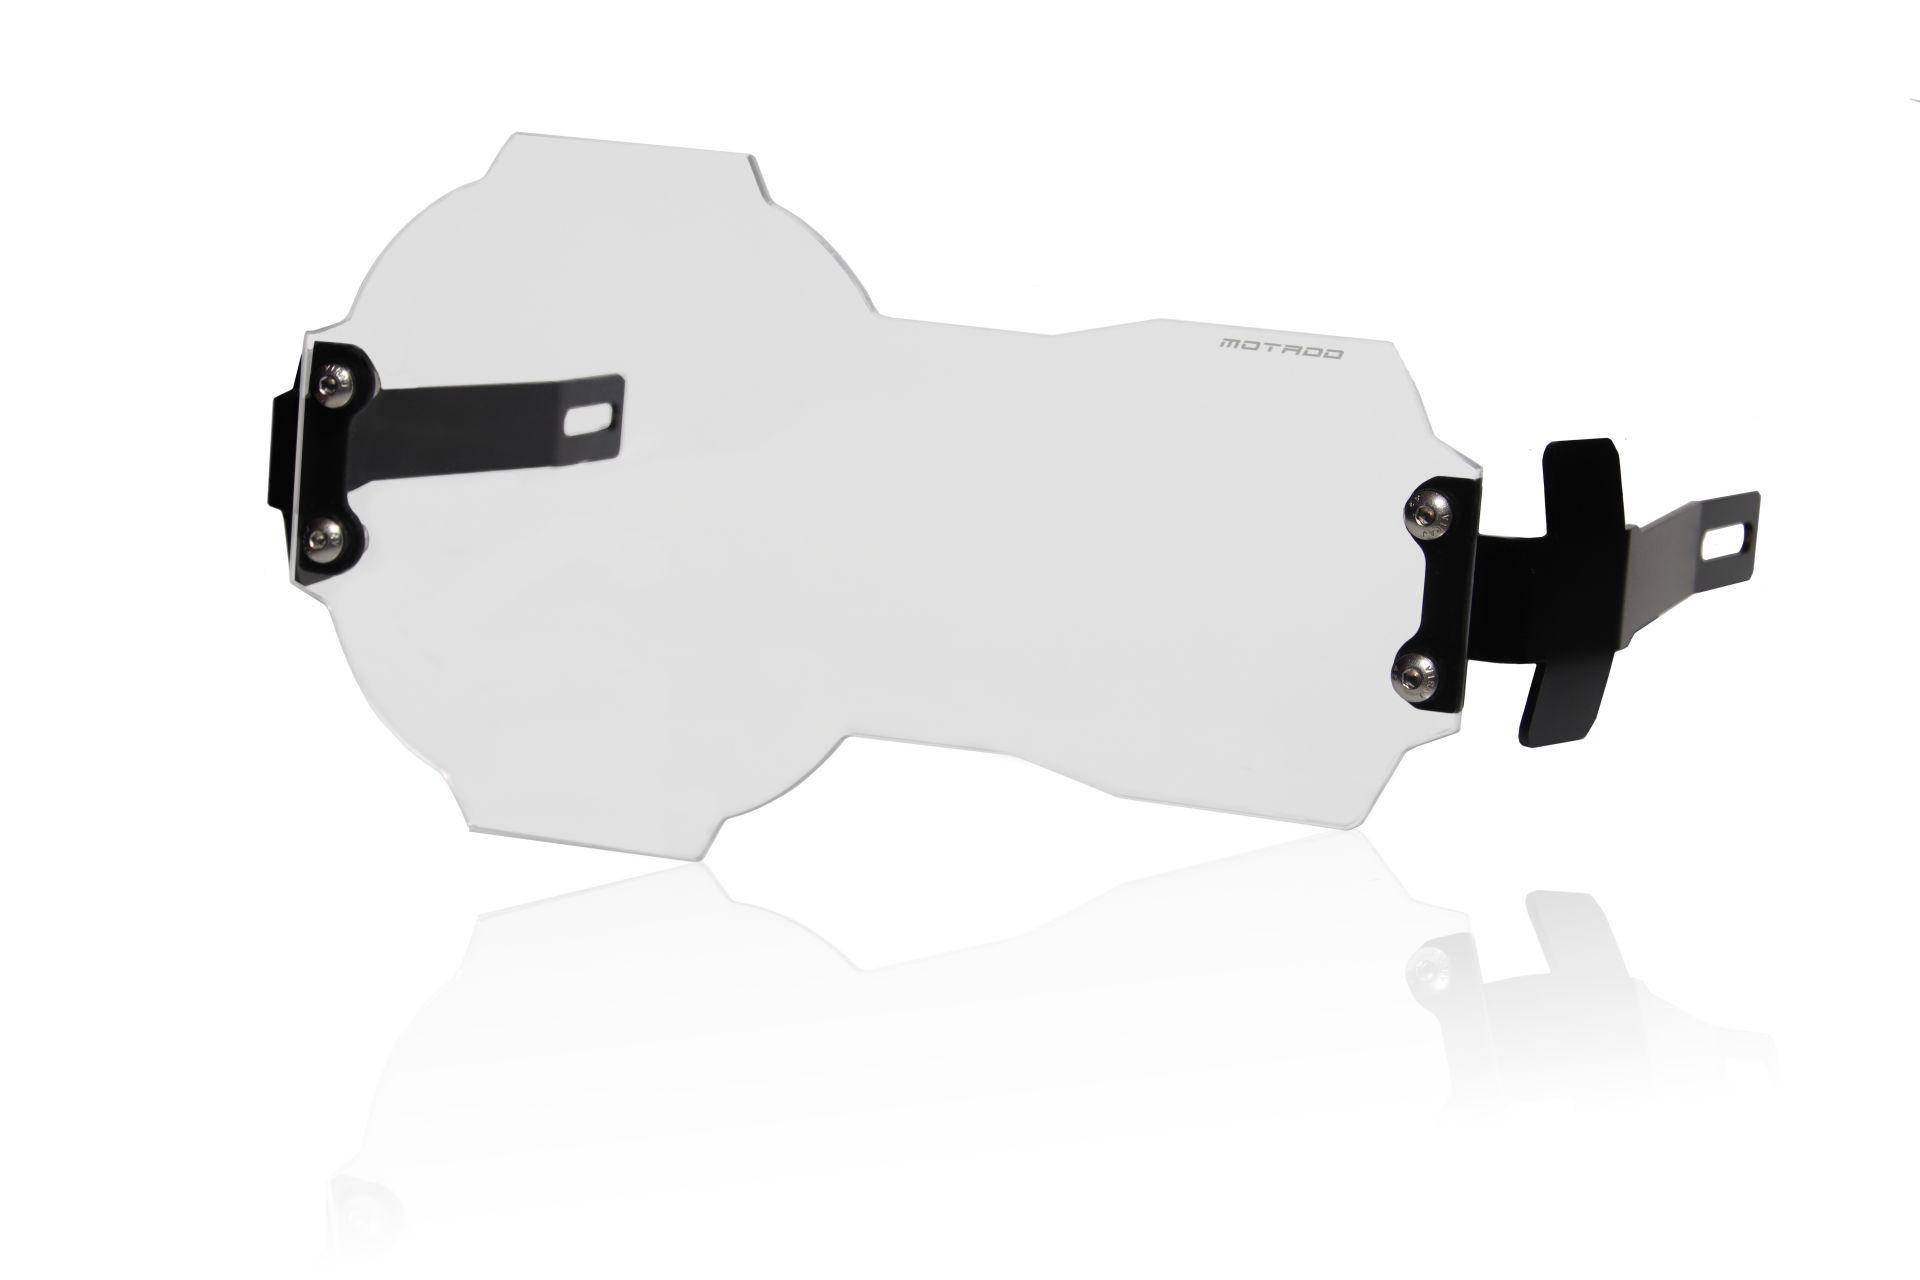 Copricerchi faro Accessori moto acrilico Accessori per R1200GS//R1250GS//ADV LC arancia KIMISS Protezione per faro moto